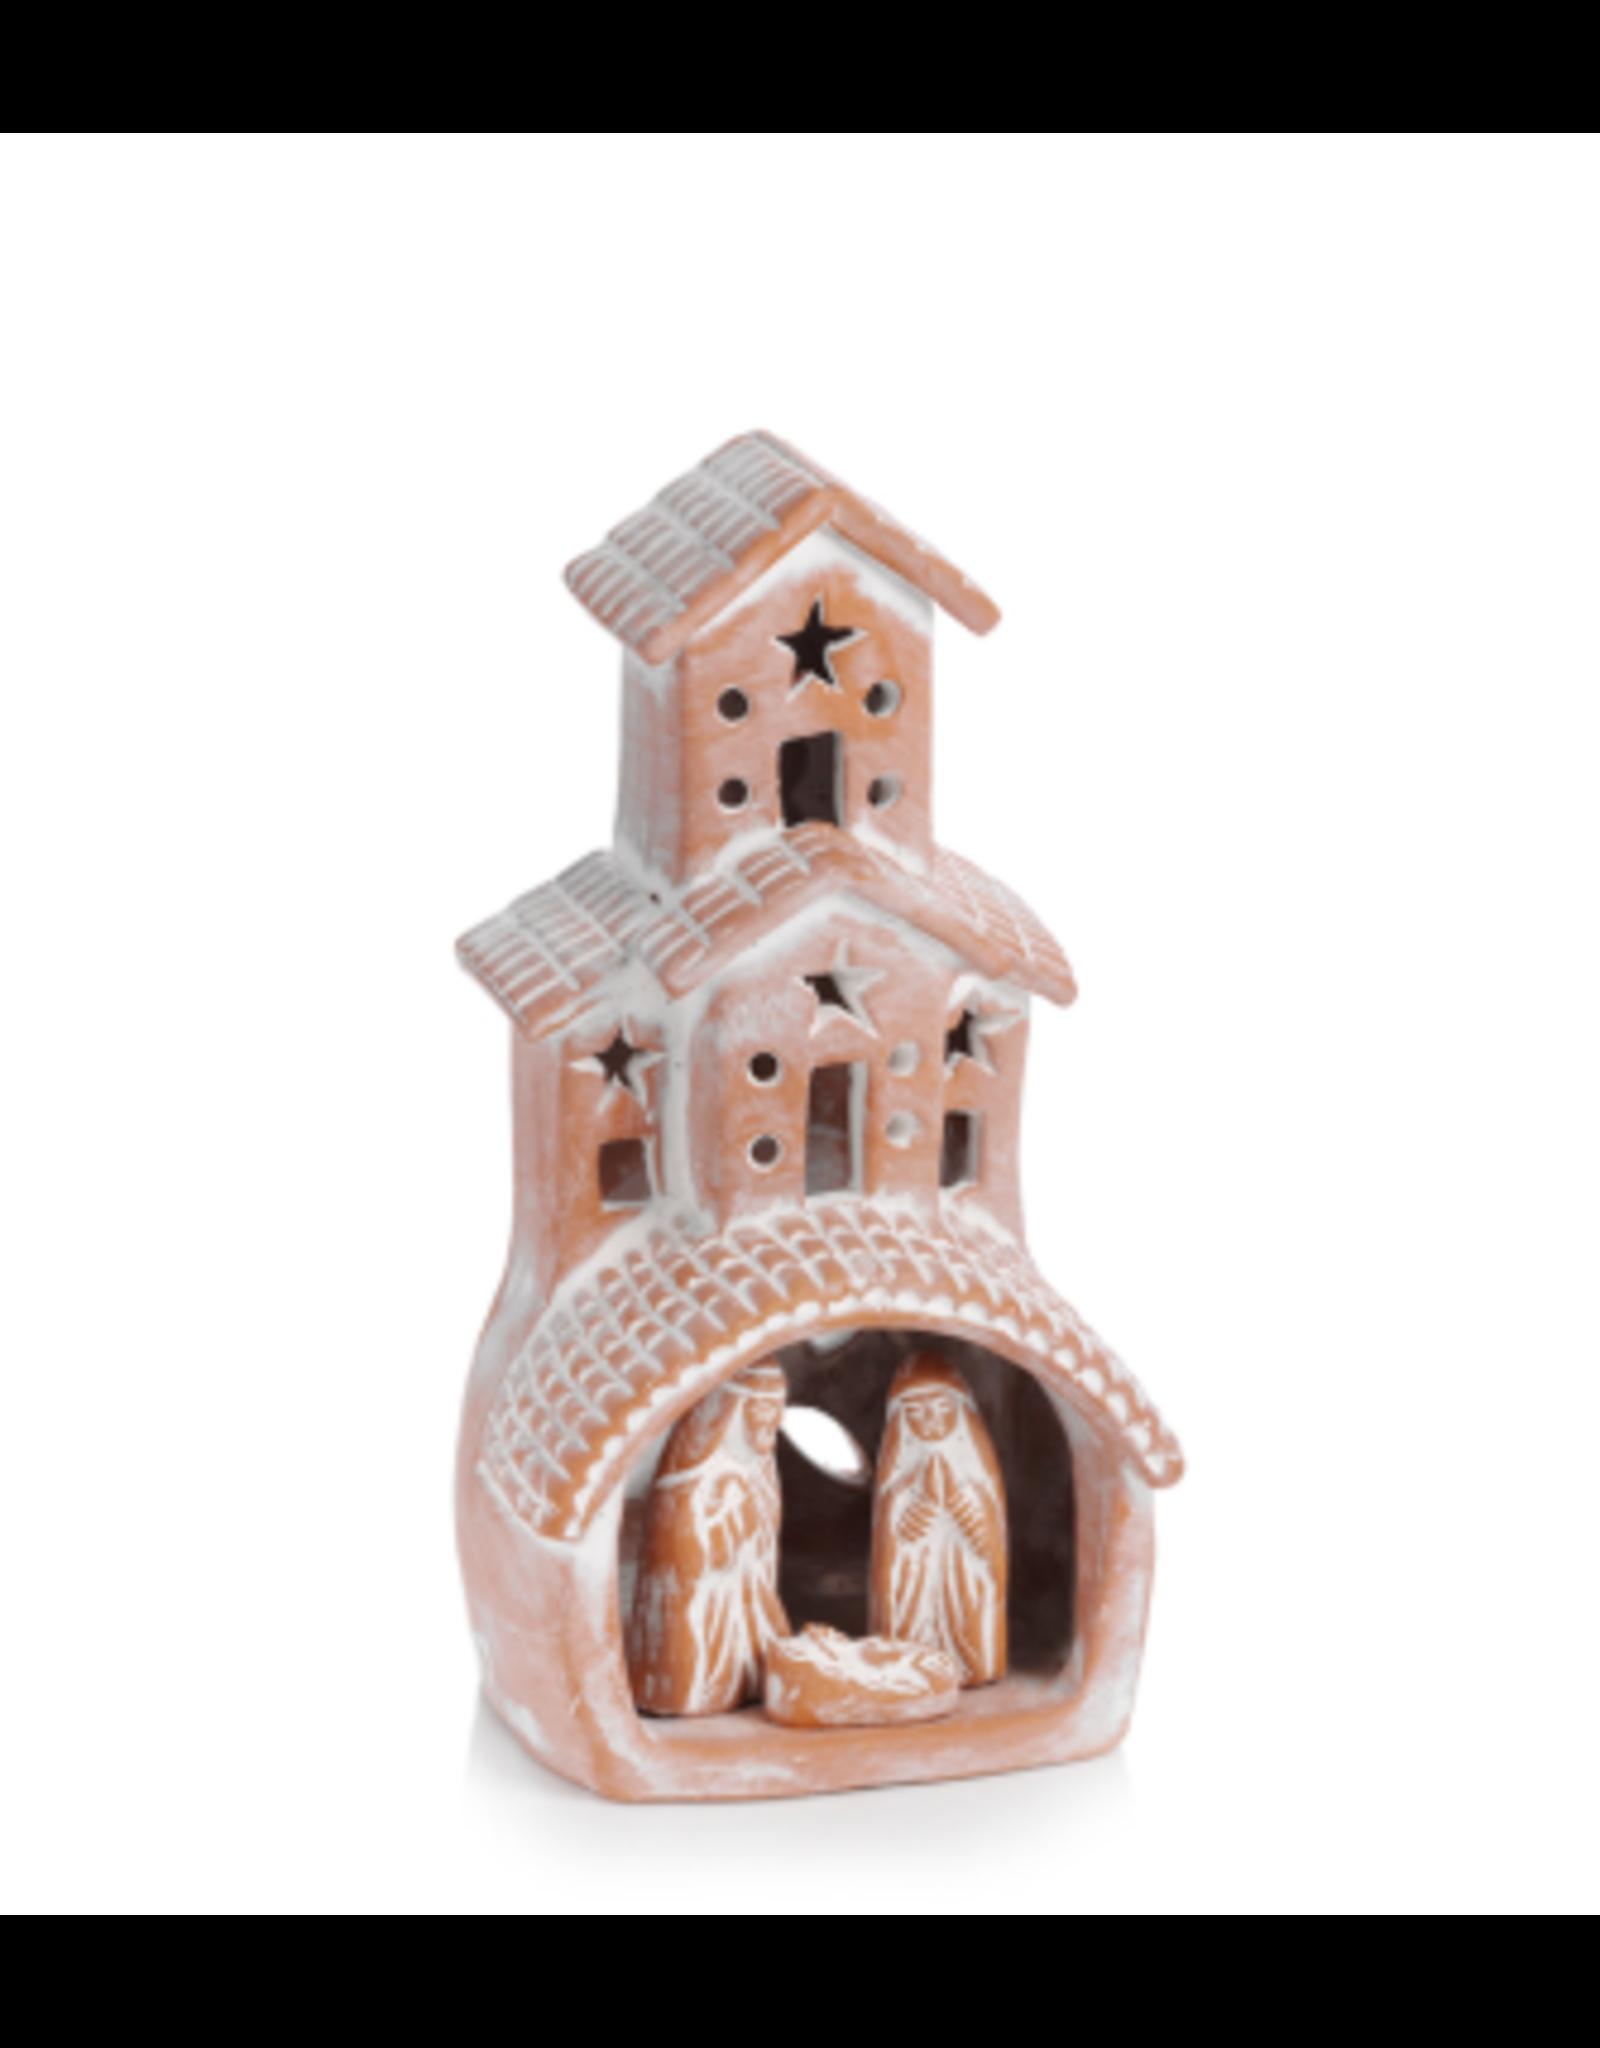 Terra Cotta Chimney Nativity